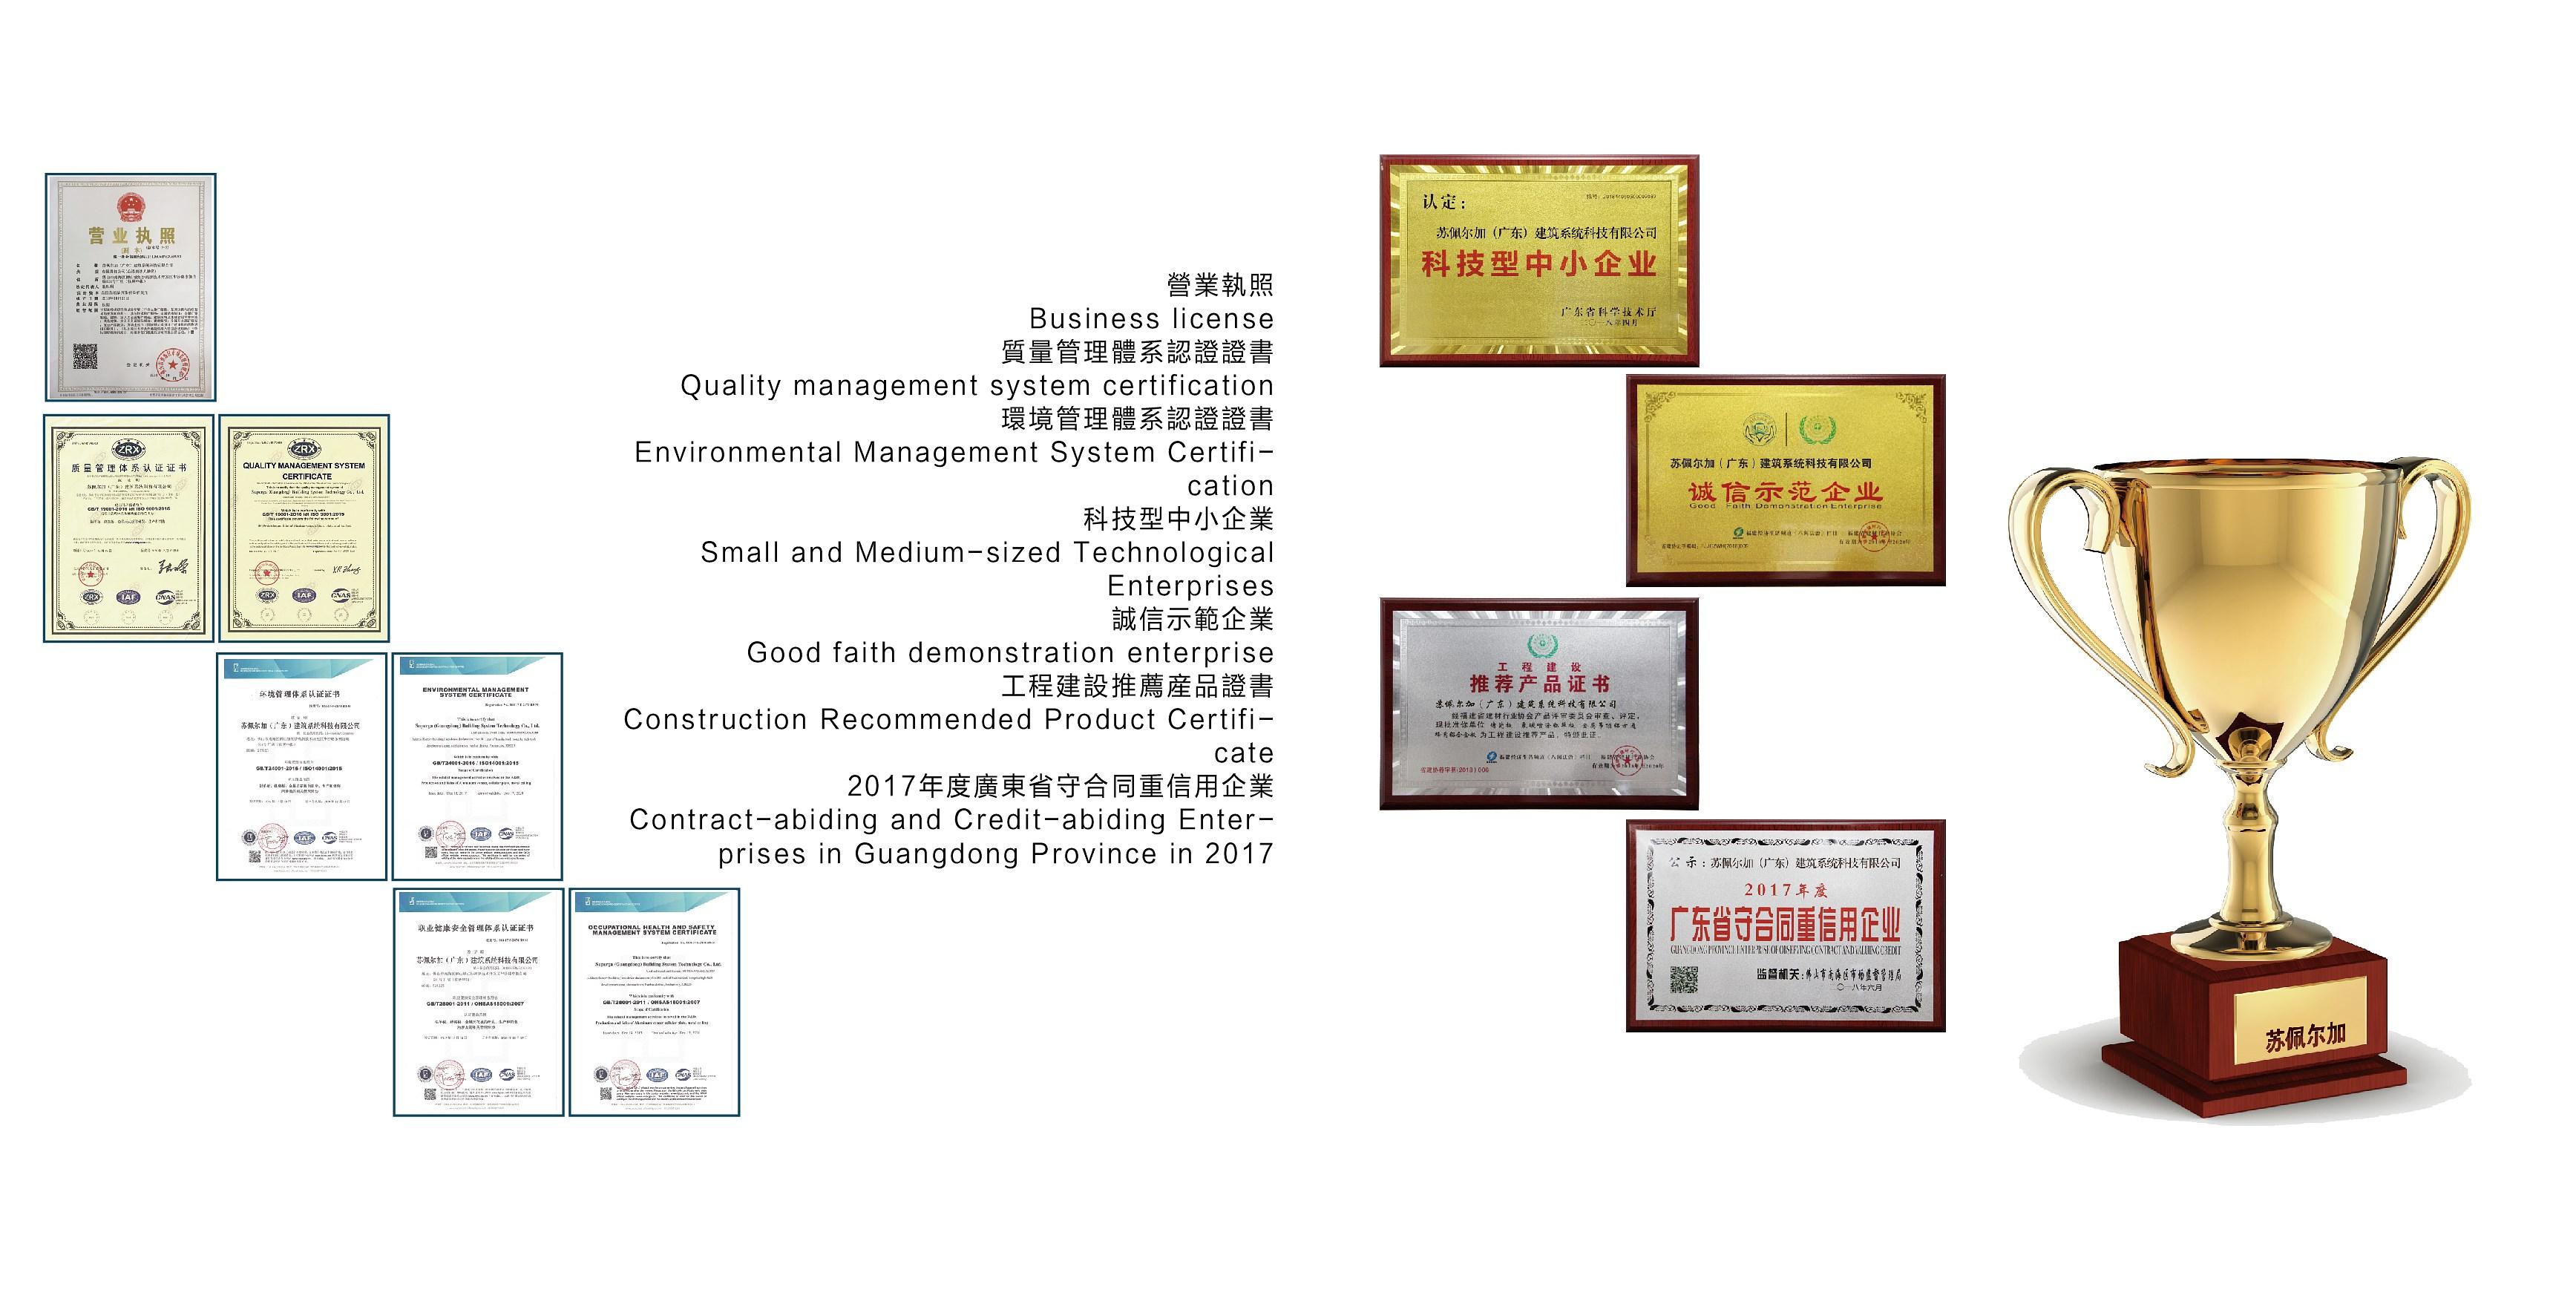 荣誉资质-01-01.jpg